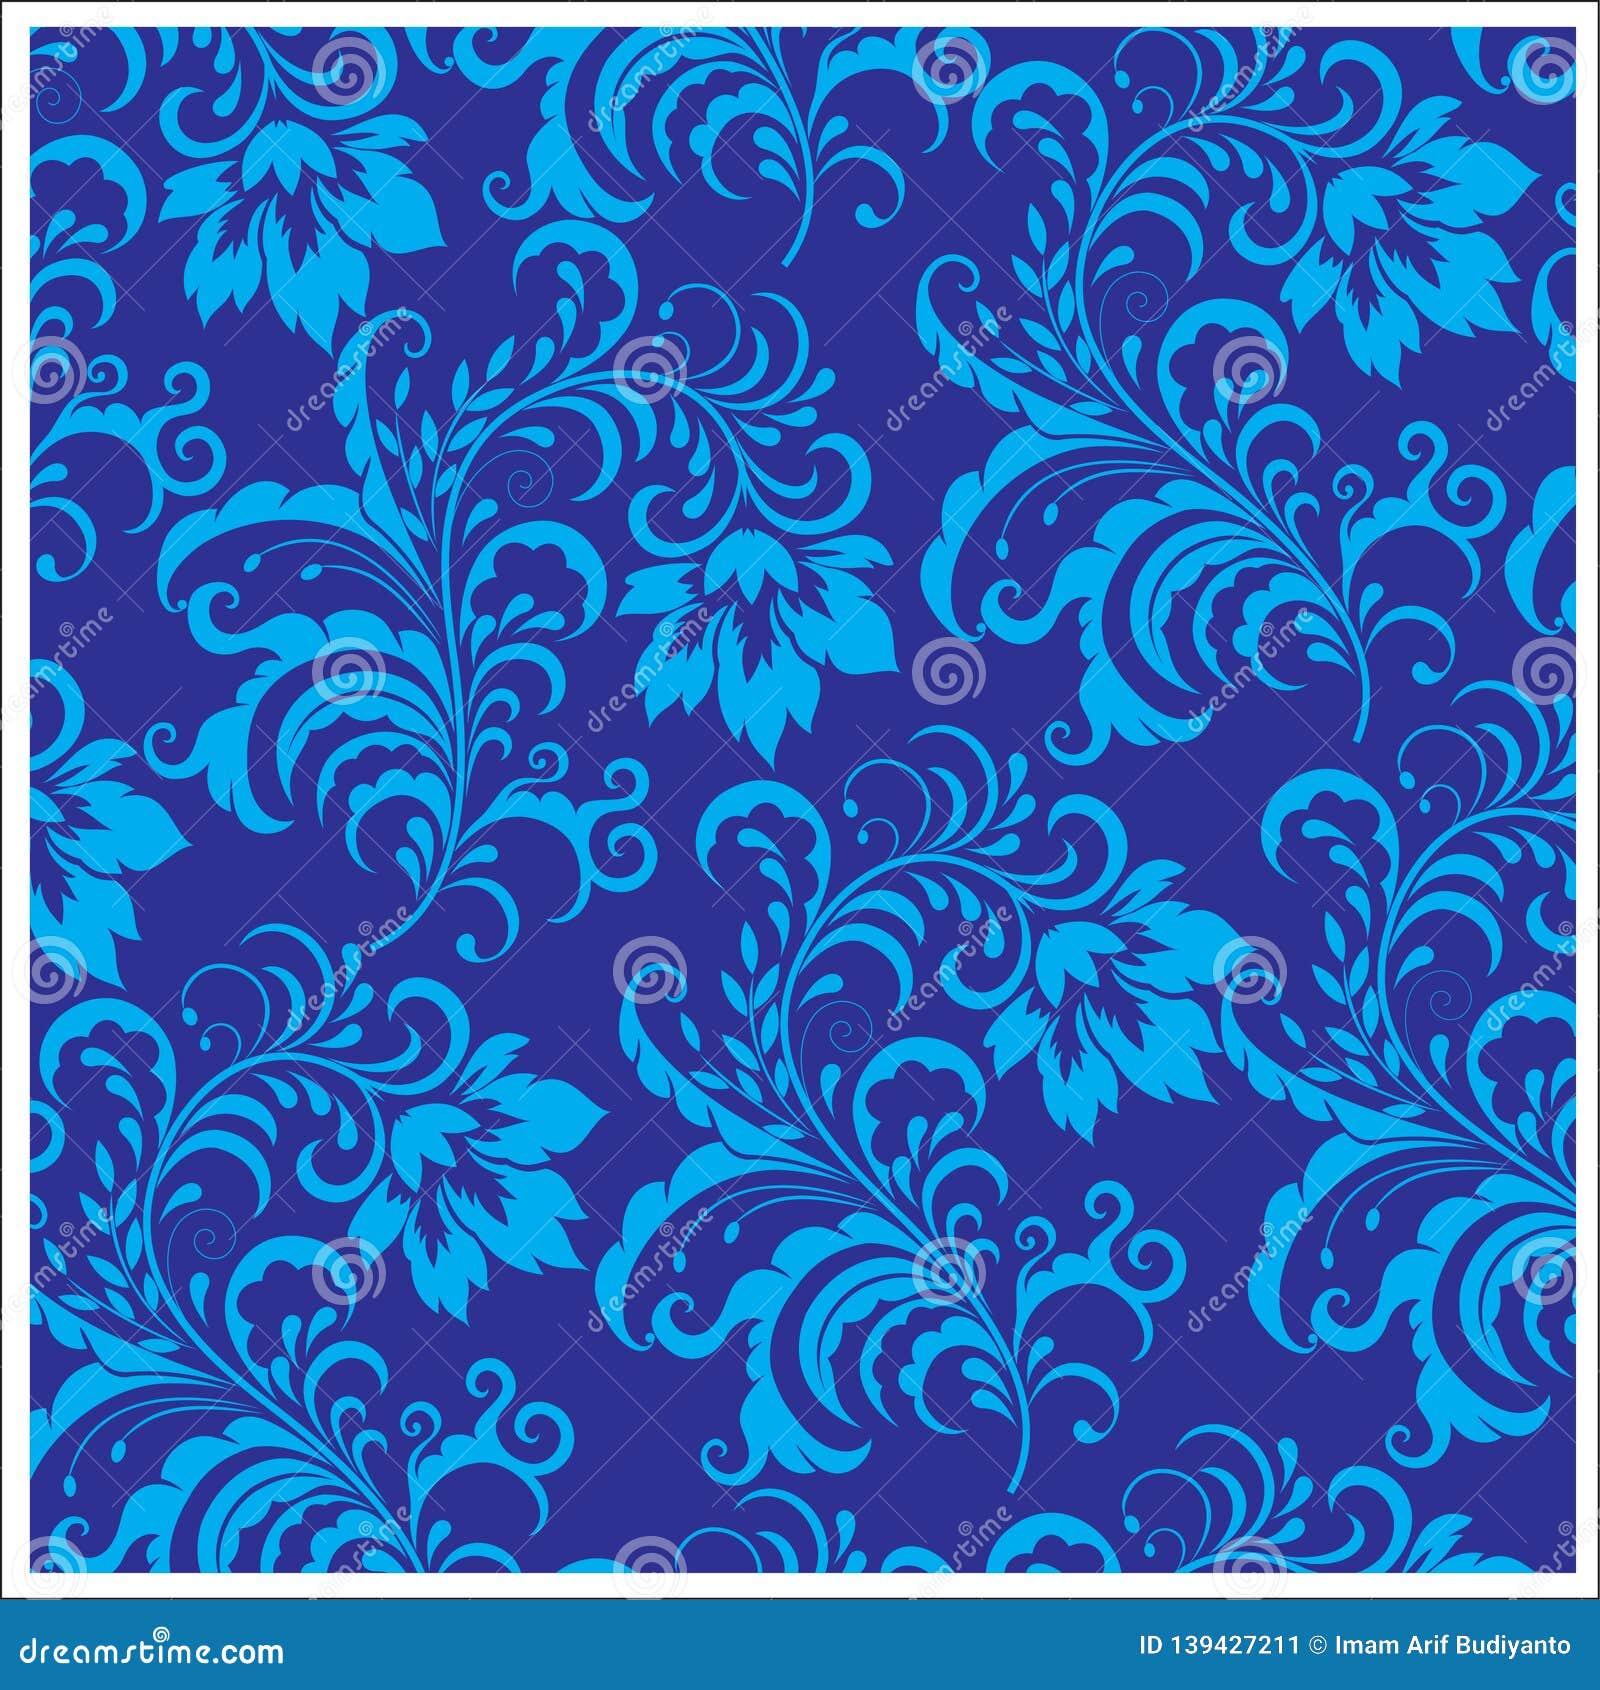 Textiel, Patroon, Ontwerp, Bloem, Achtergrond, Abstracte